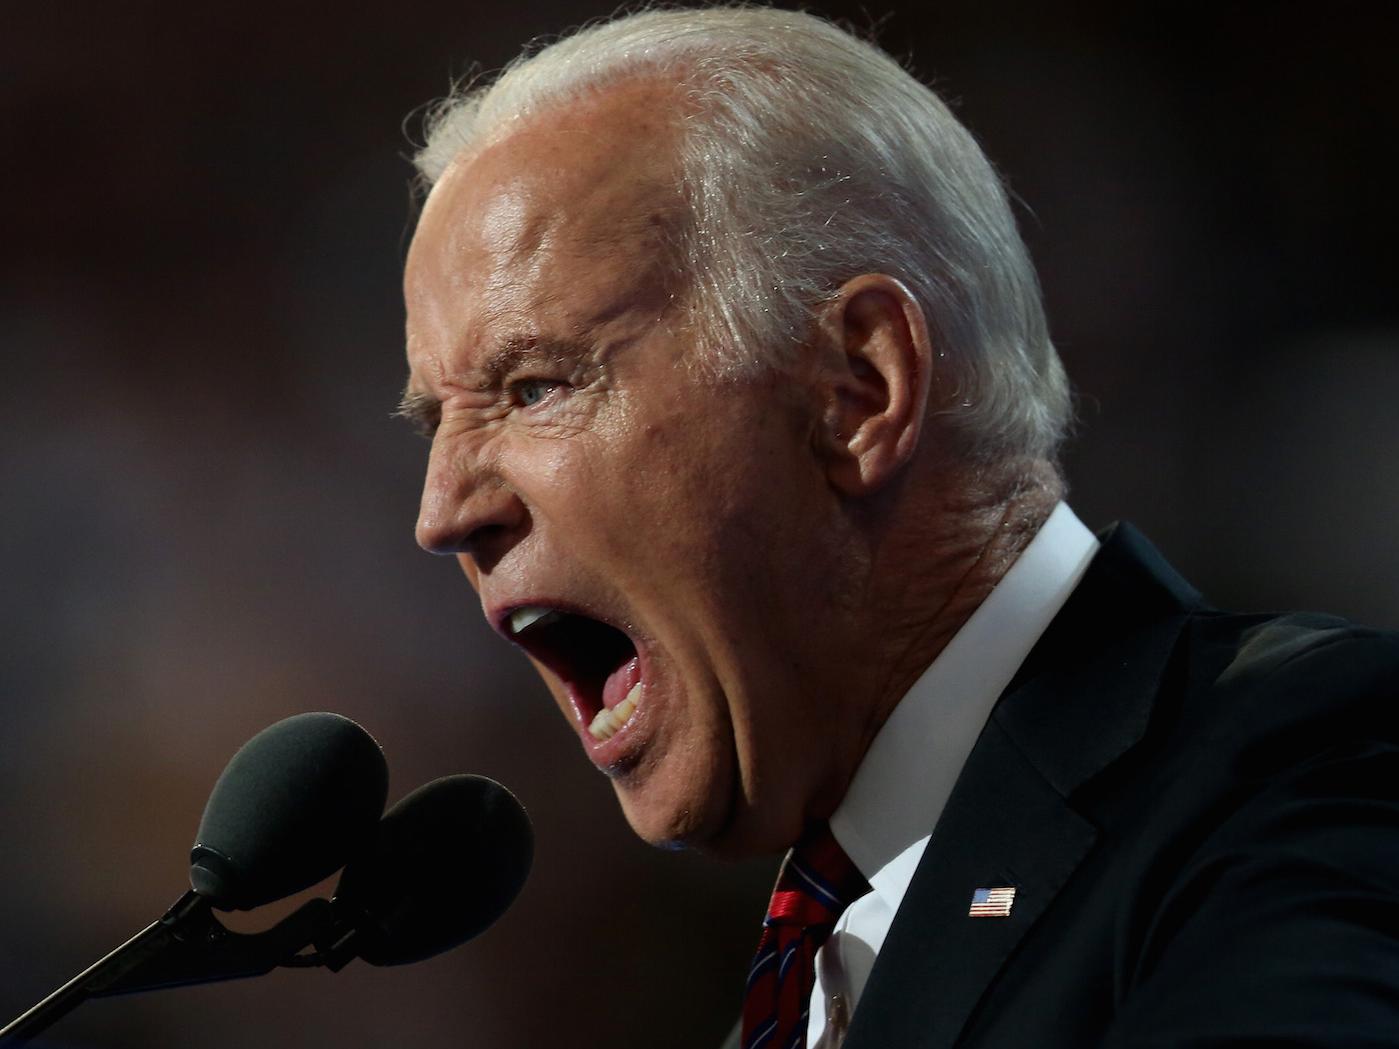 VP Joe Biden rips Donald Trump in his DNC speech - Business Insider